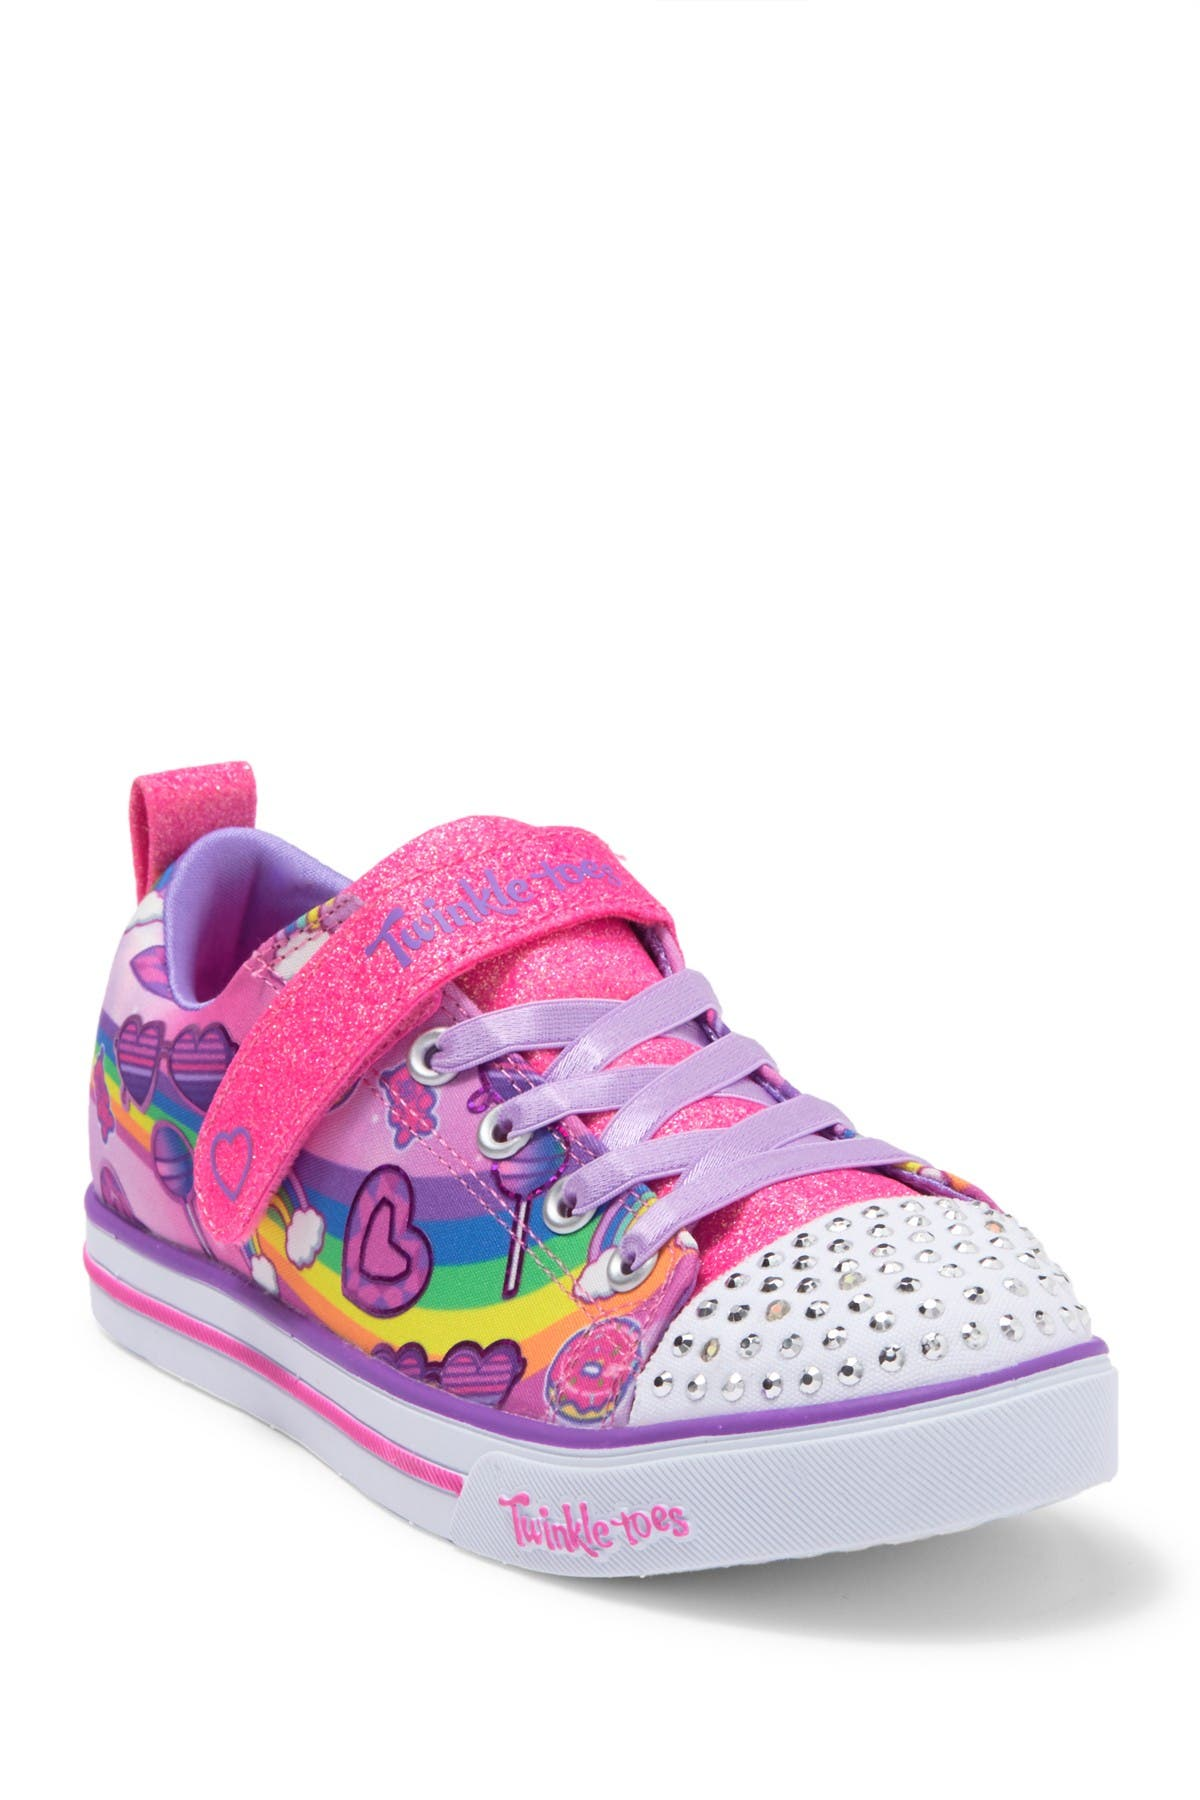 Image of Skechers Sparkle Lite - Rainbow Skies Sneaker